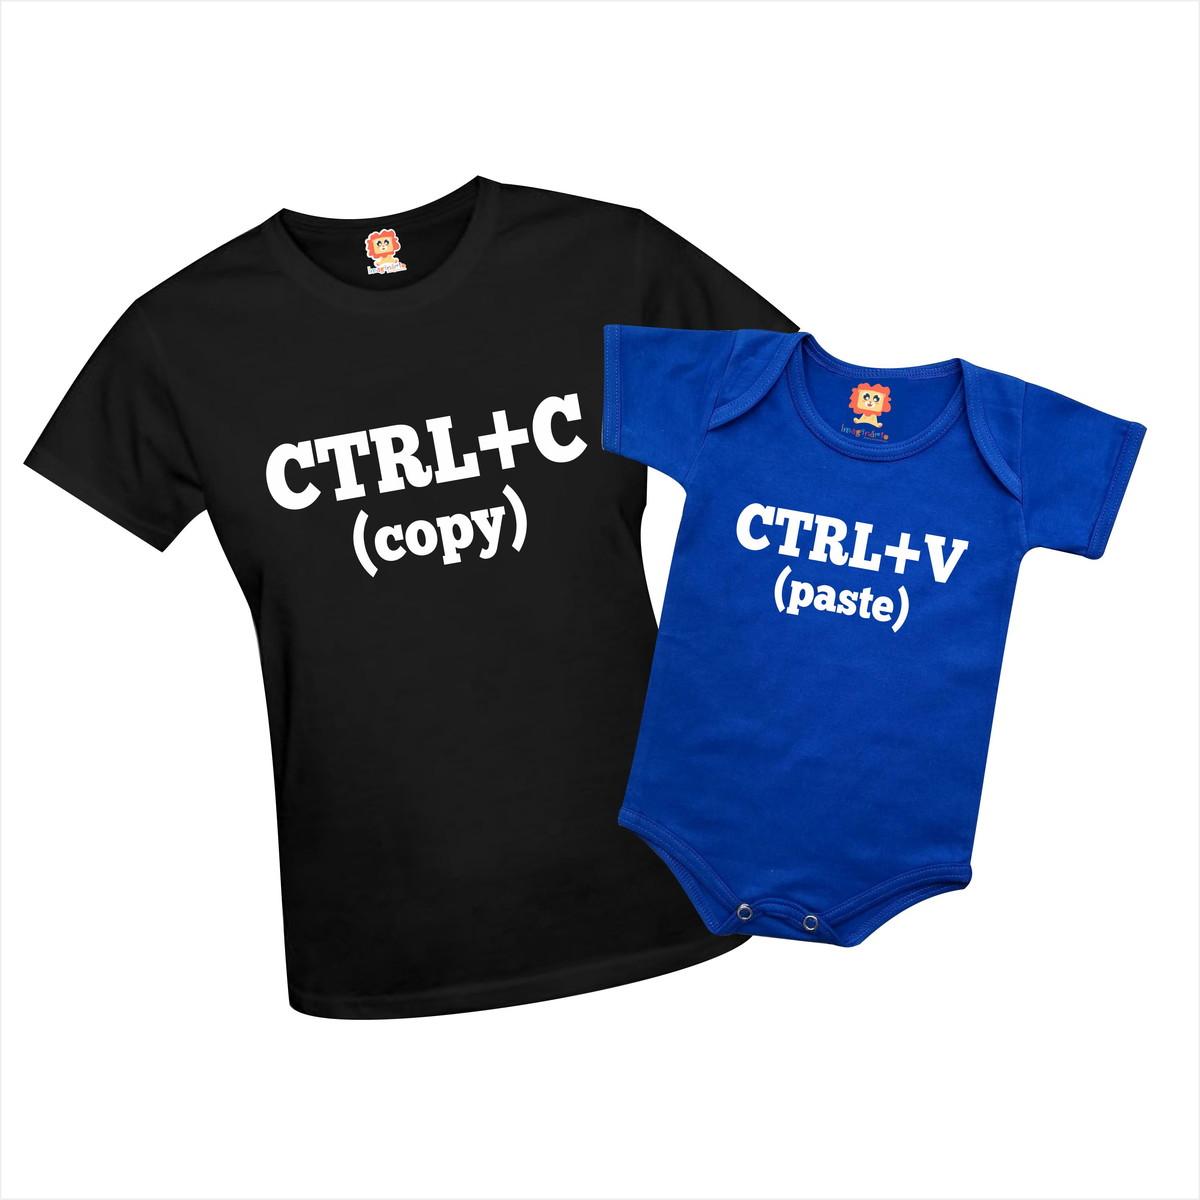 d54a415bd Camiseta e Body CTRL+C   CTRL+V - Dia das Mães no Elo7